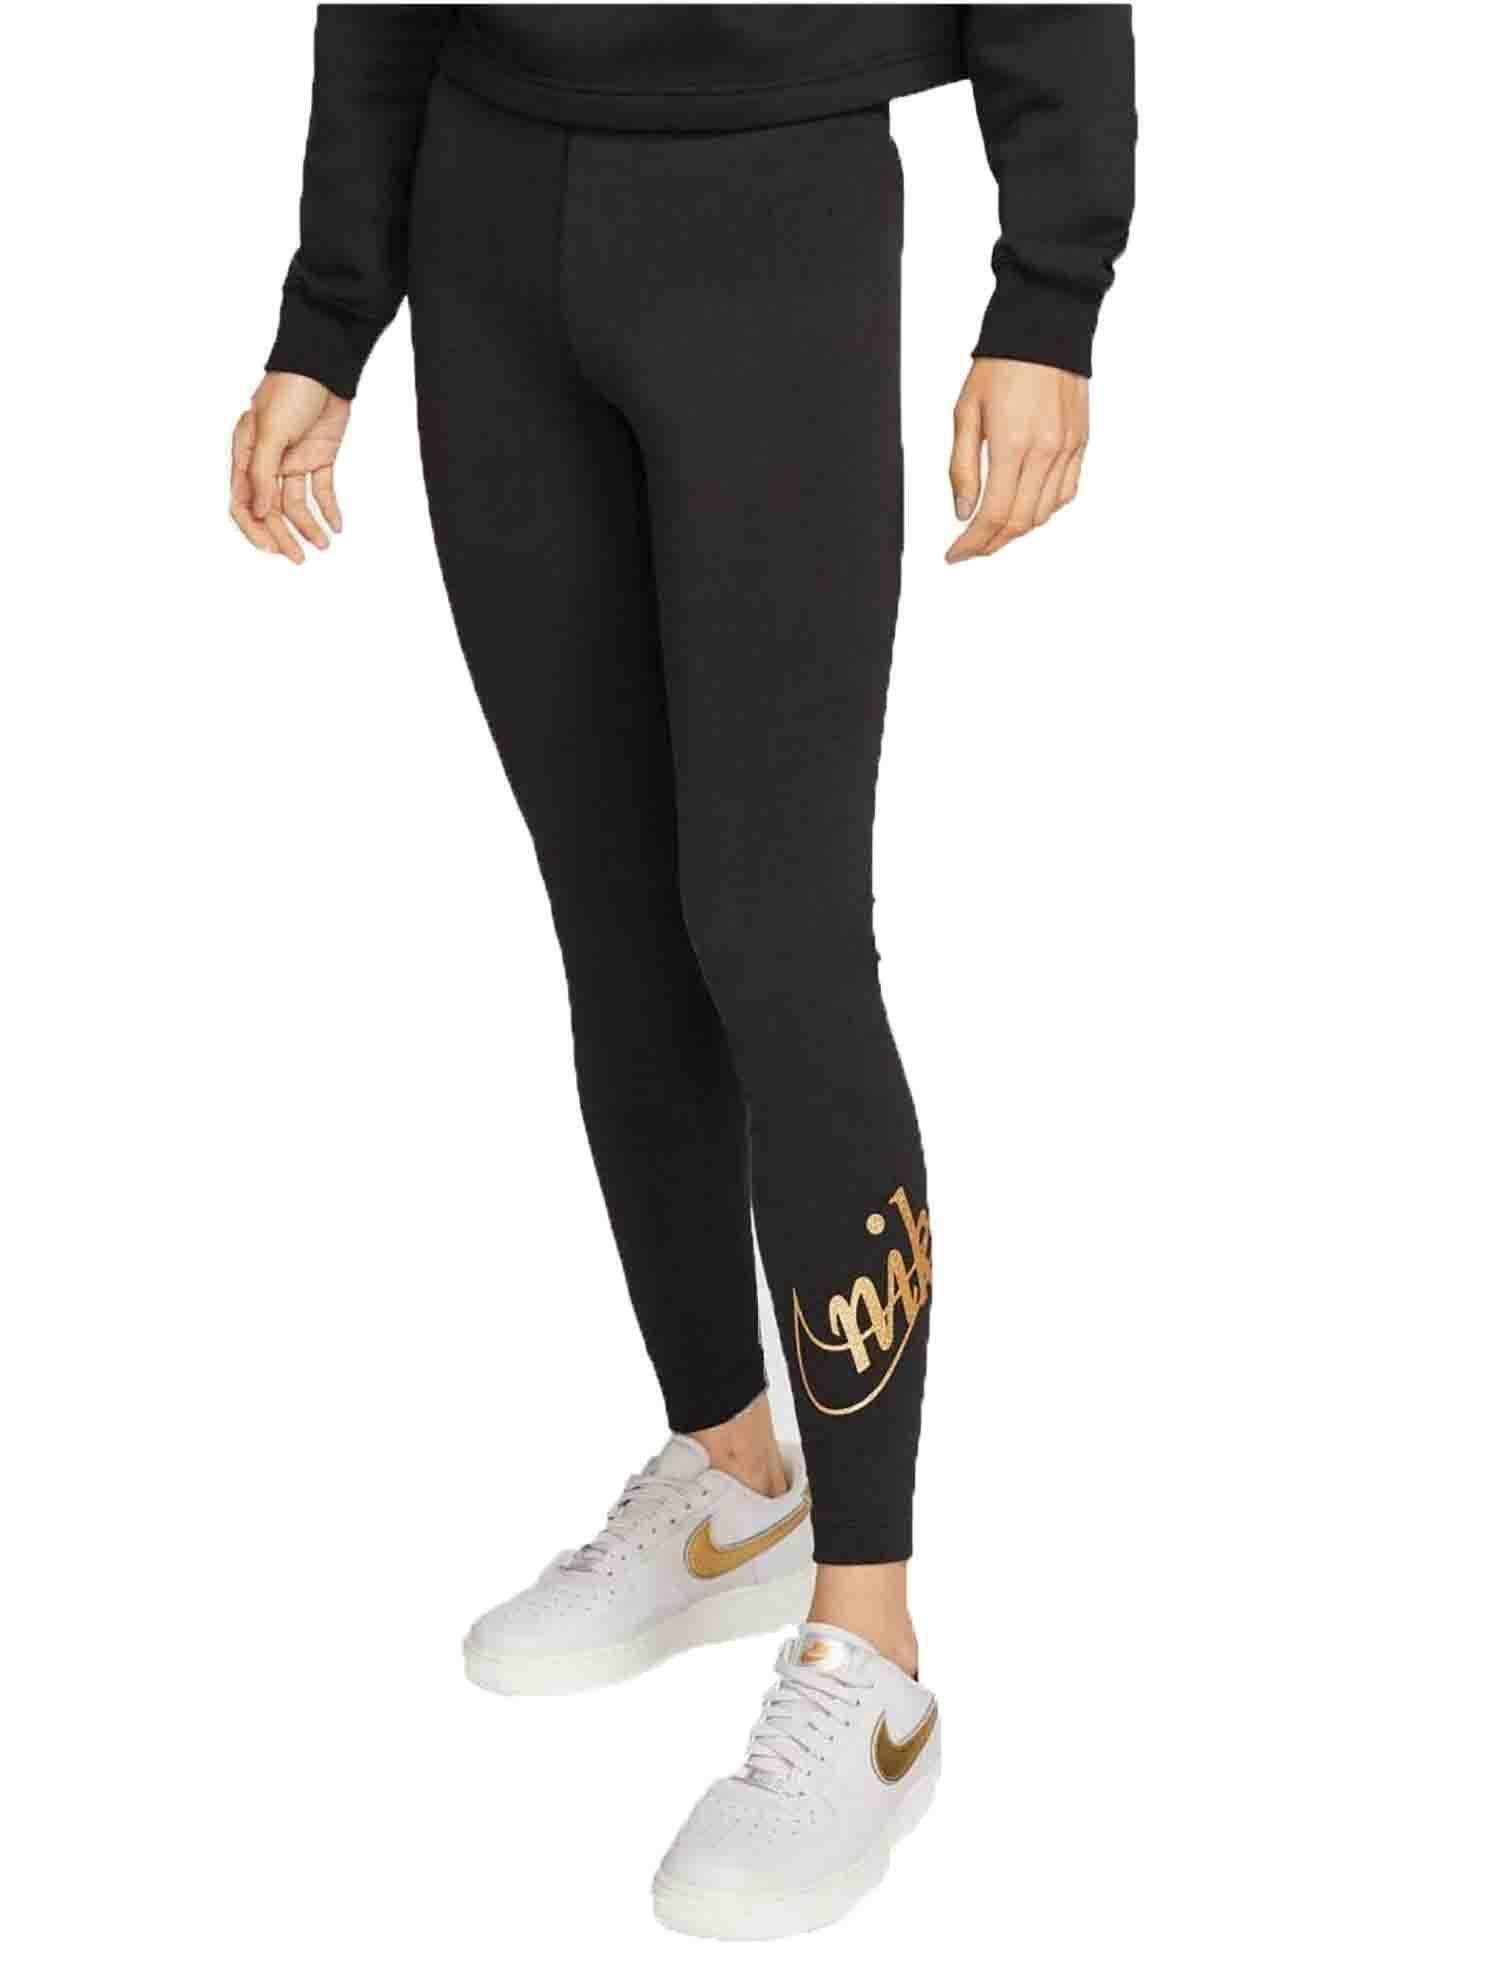 leggings nike donna nero cotone